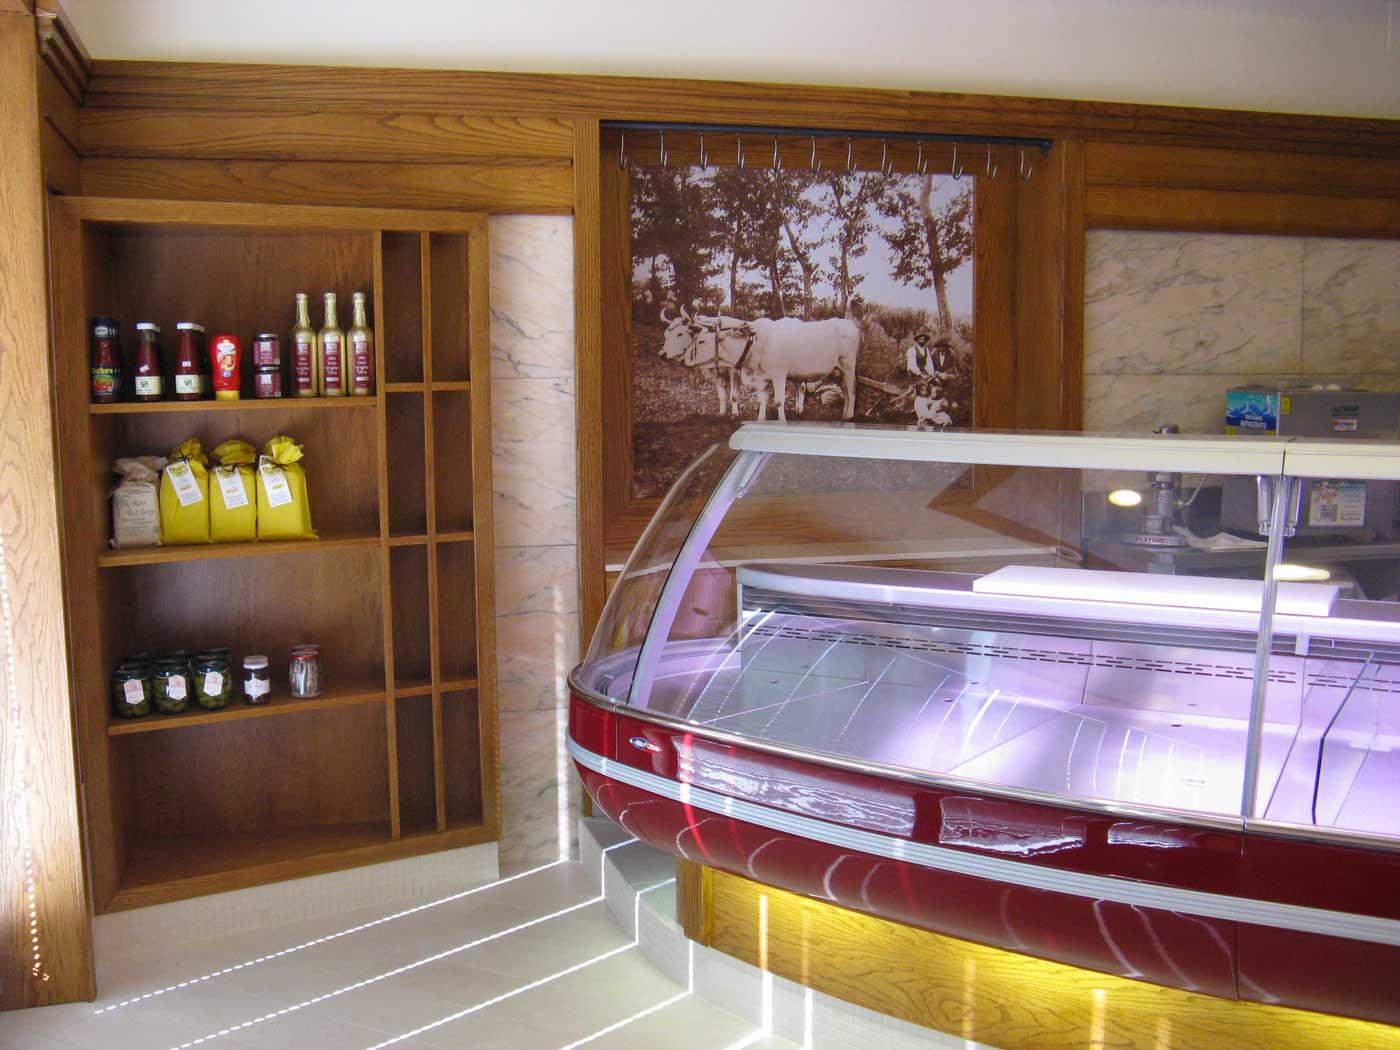 Dutto arredamenti negozi home for Arredamento alimentari usato